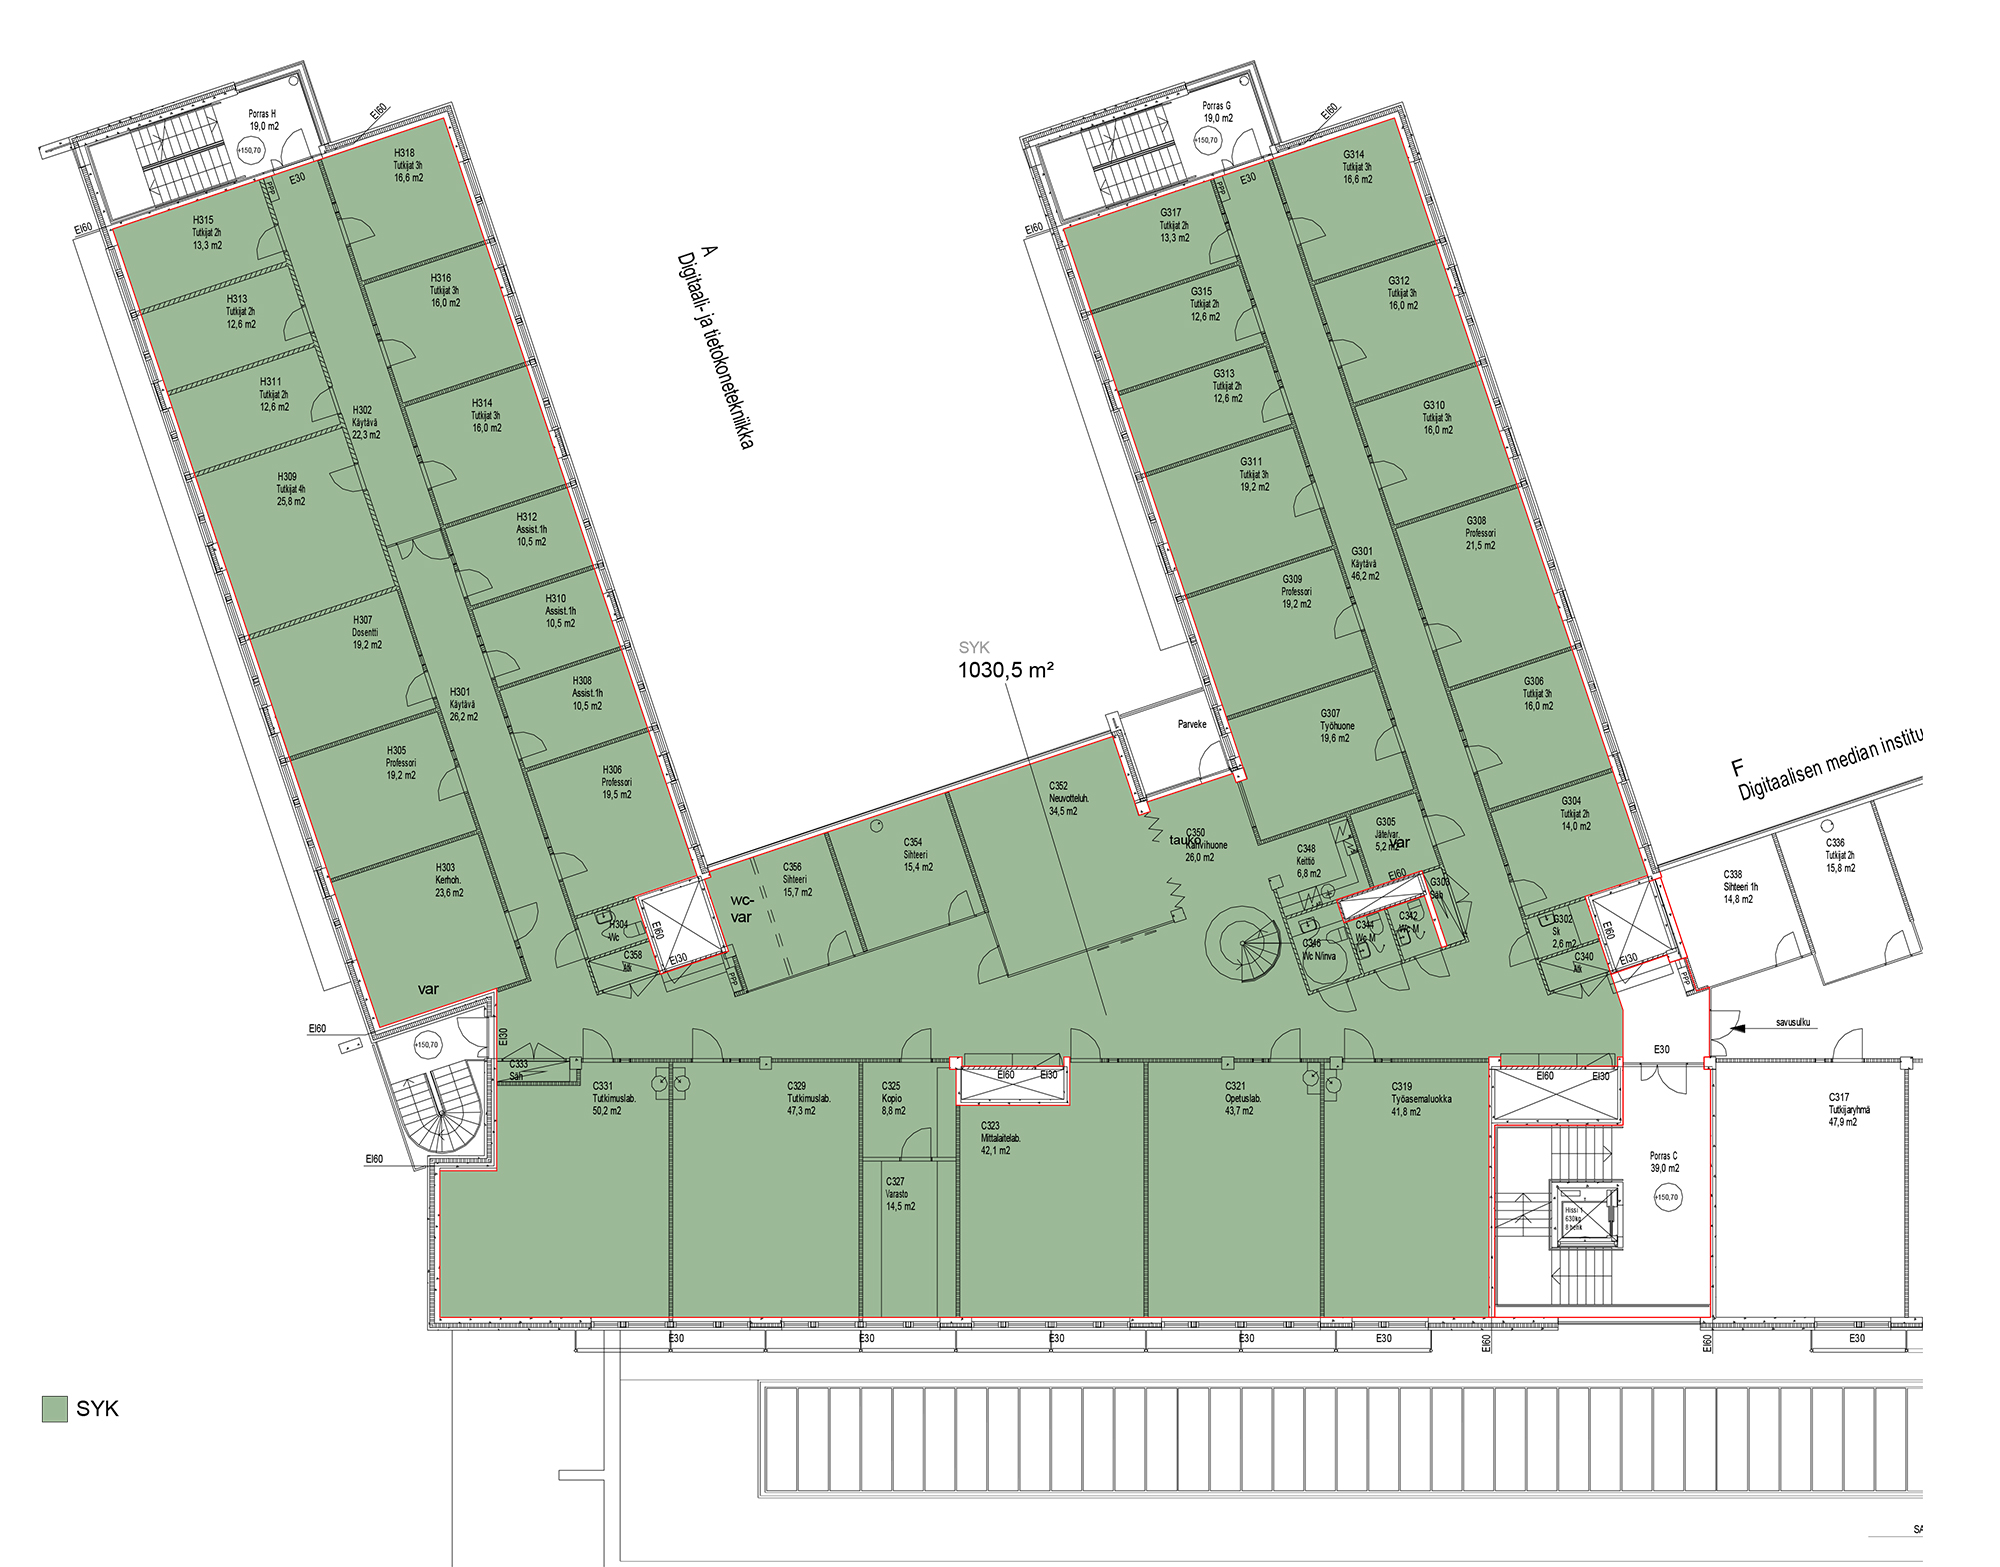 Planlösning Korkeakoulunkatu 1 Pirkanmaa